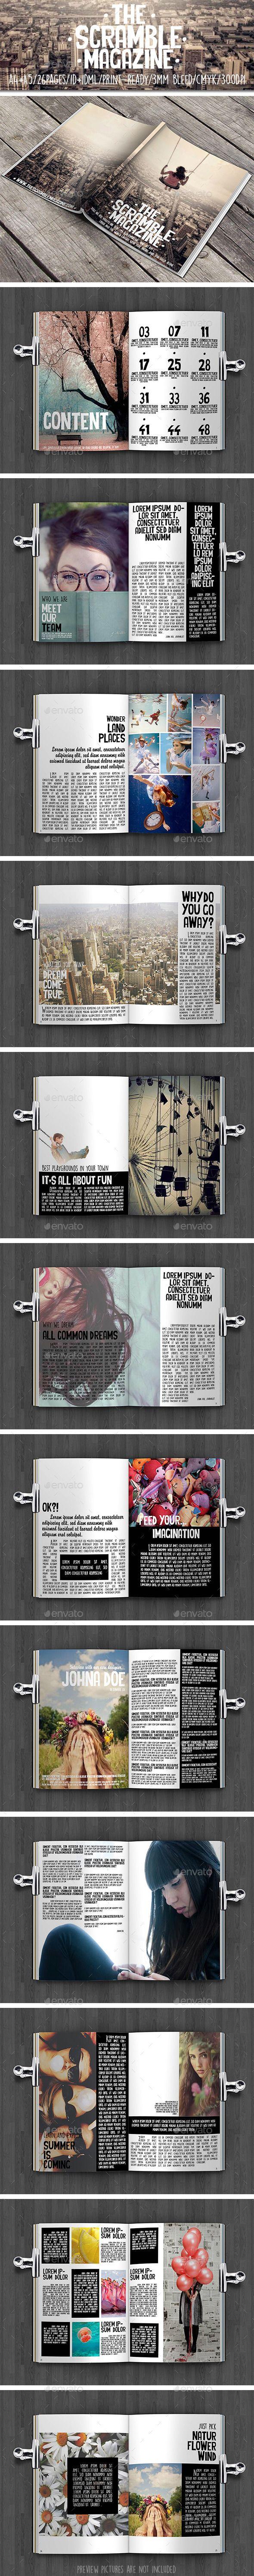 The Scramble Magazine | Diseño editorial y Editorial